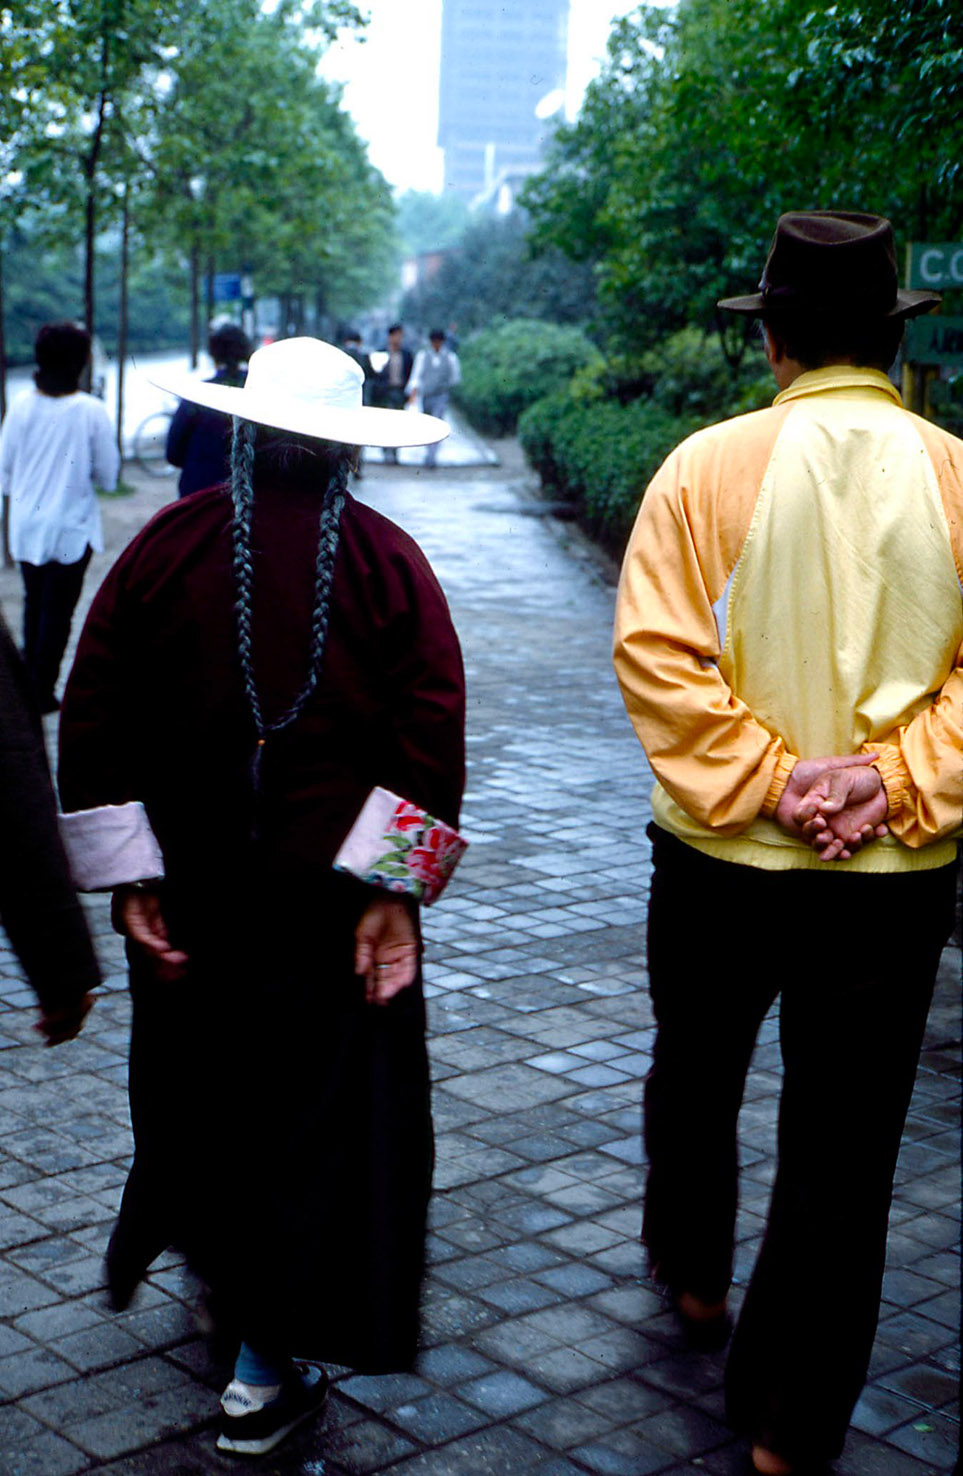 Chögyal Namkhai Norbu in Chengdu in 1988